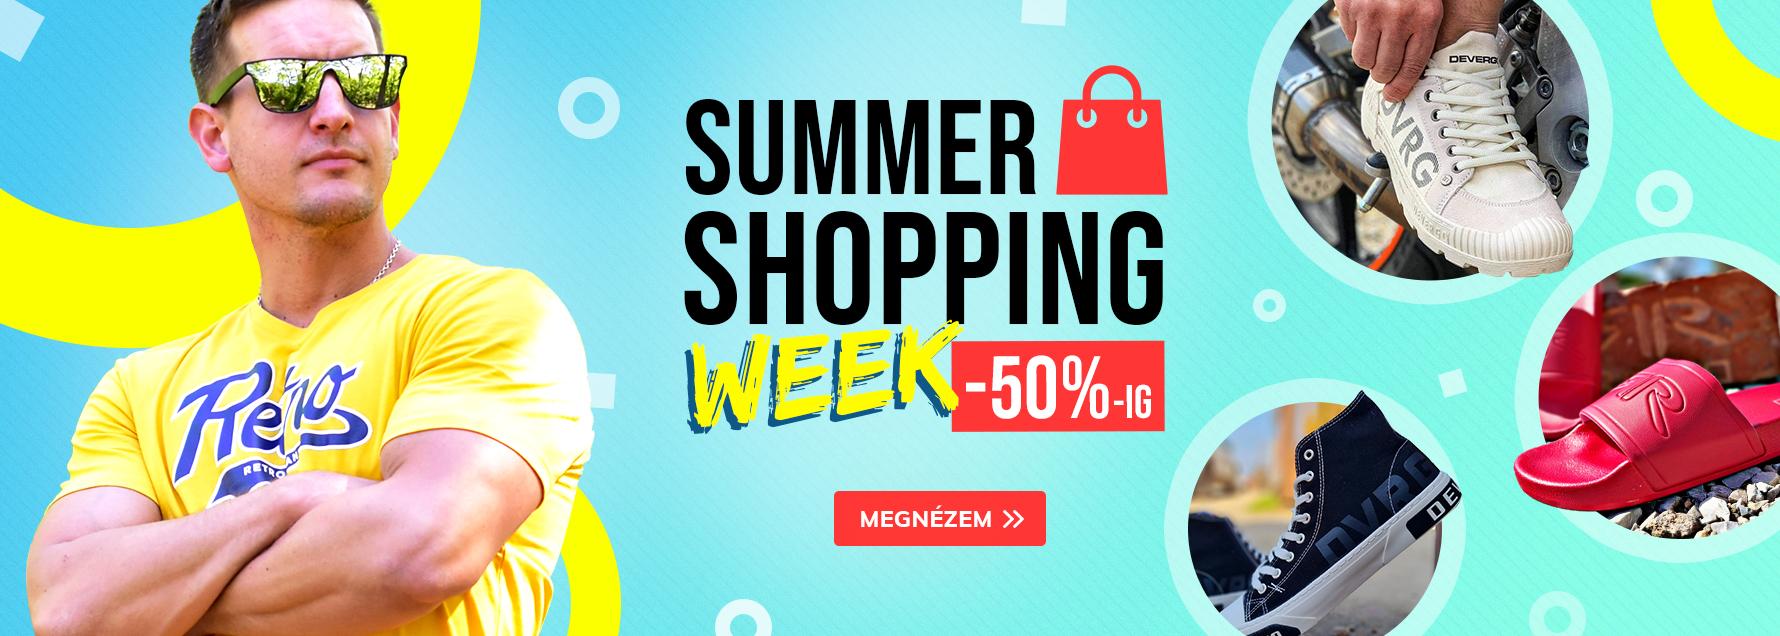 Summer shopping week